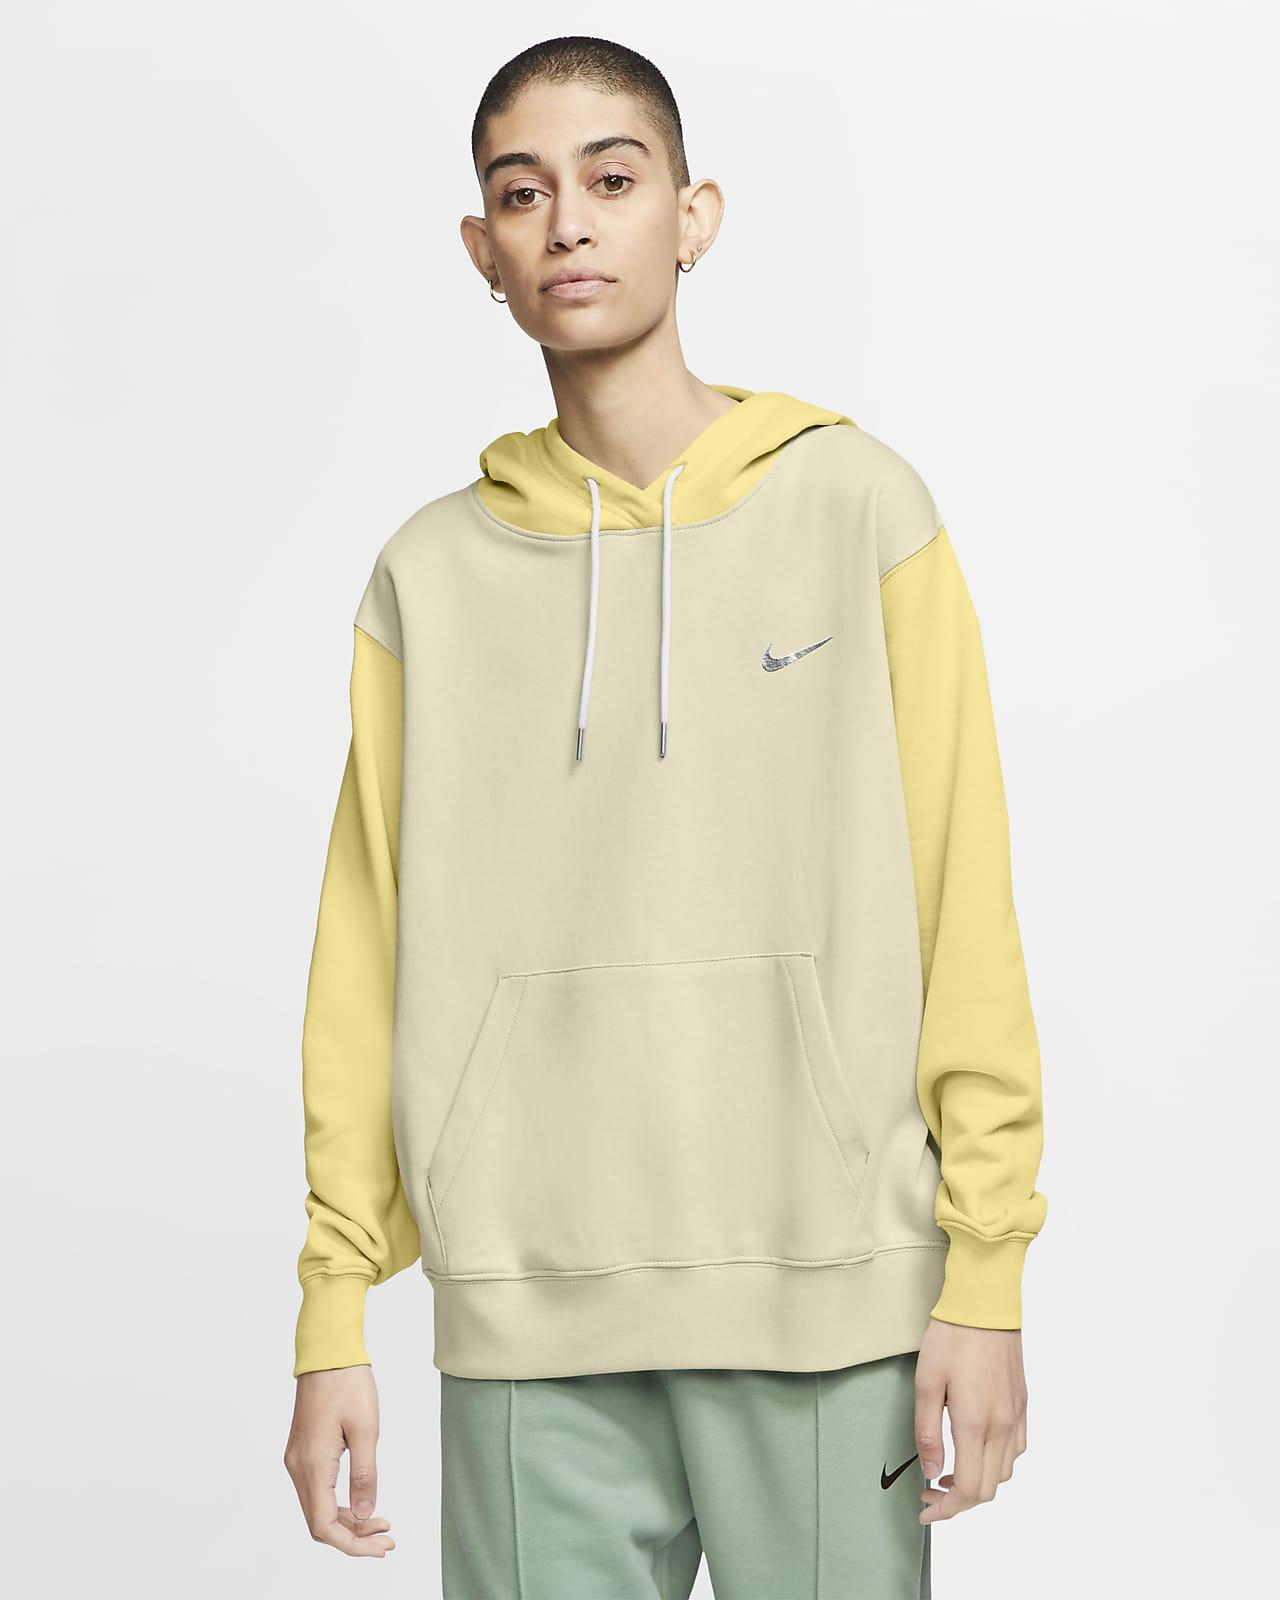 Nike Sportswear Hoodie met Swoosh voor dames